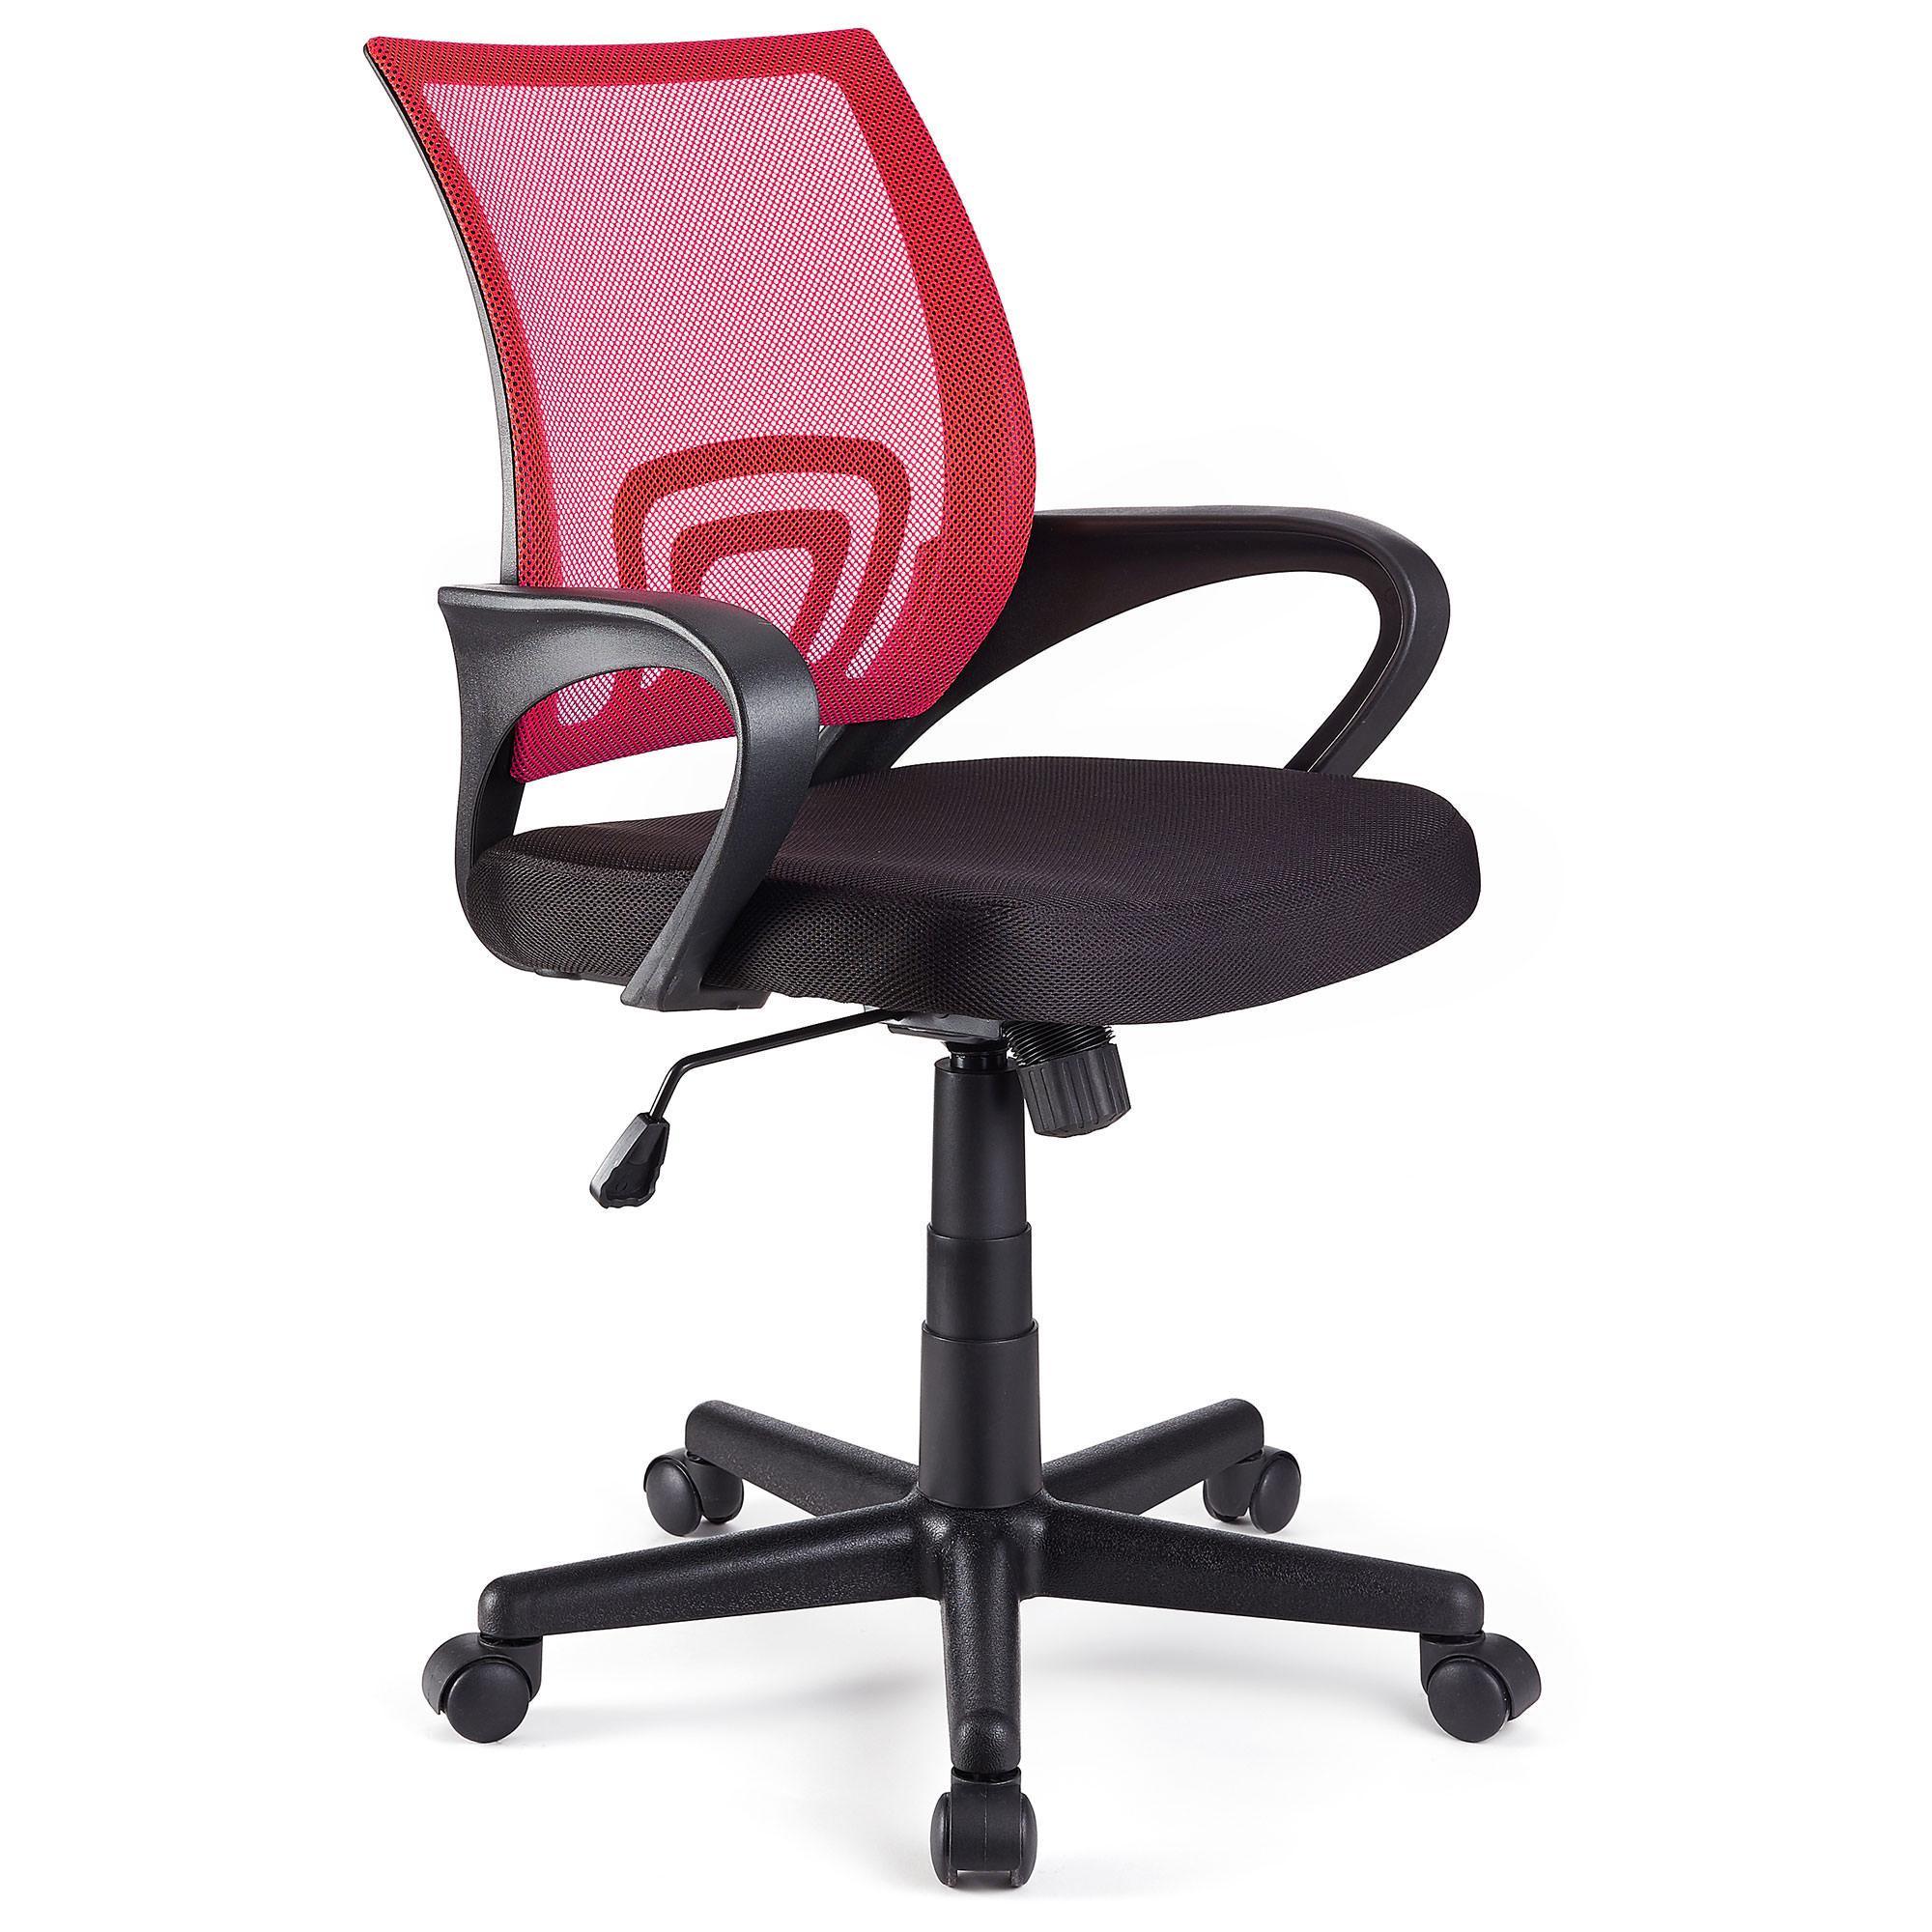 Silla de oficina seul con asiento acolchado en rojo for Silla oficina diseno